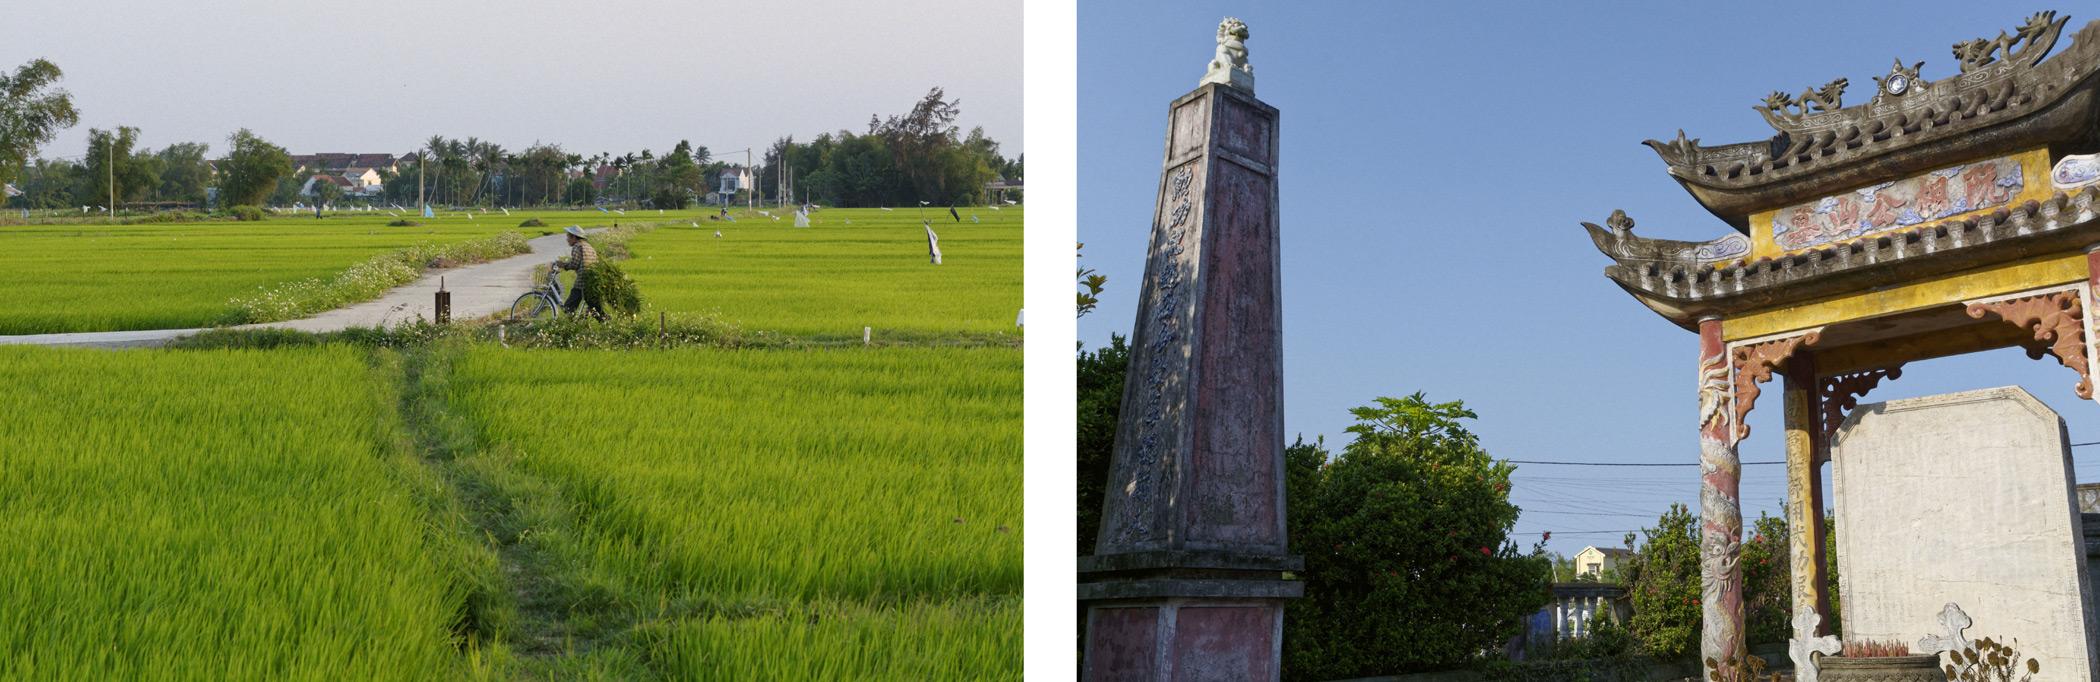 Rizières et temple Hoi An